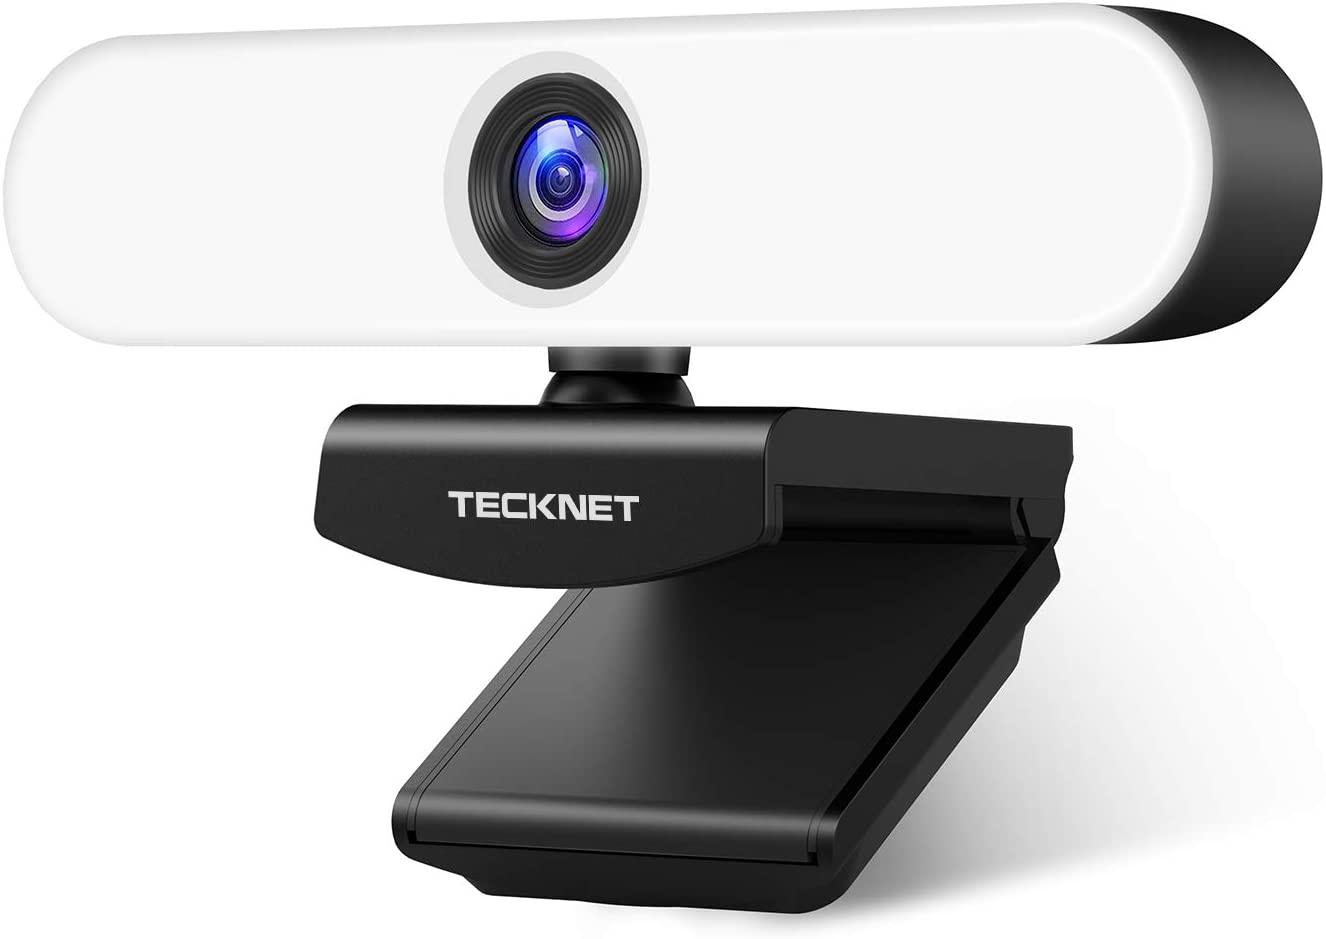 Webcam barata Tecknet con anillo de luz